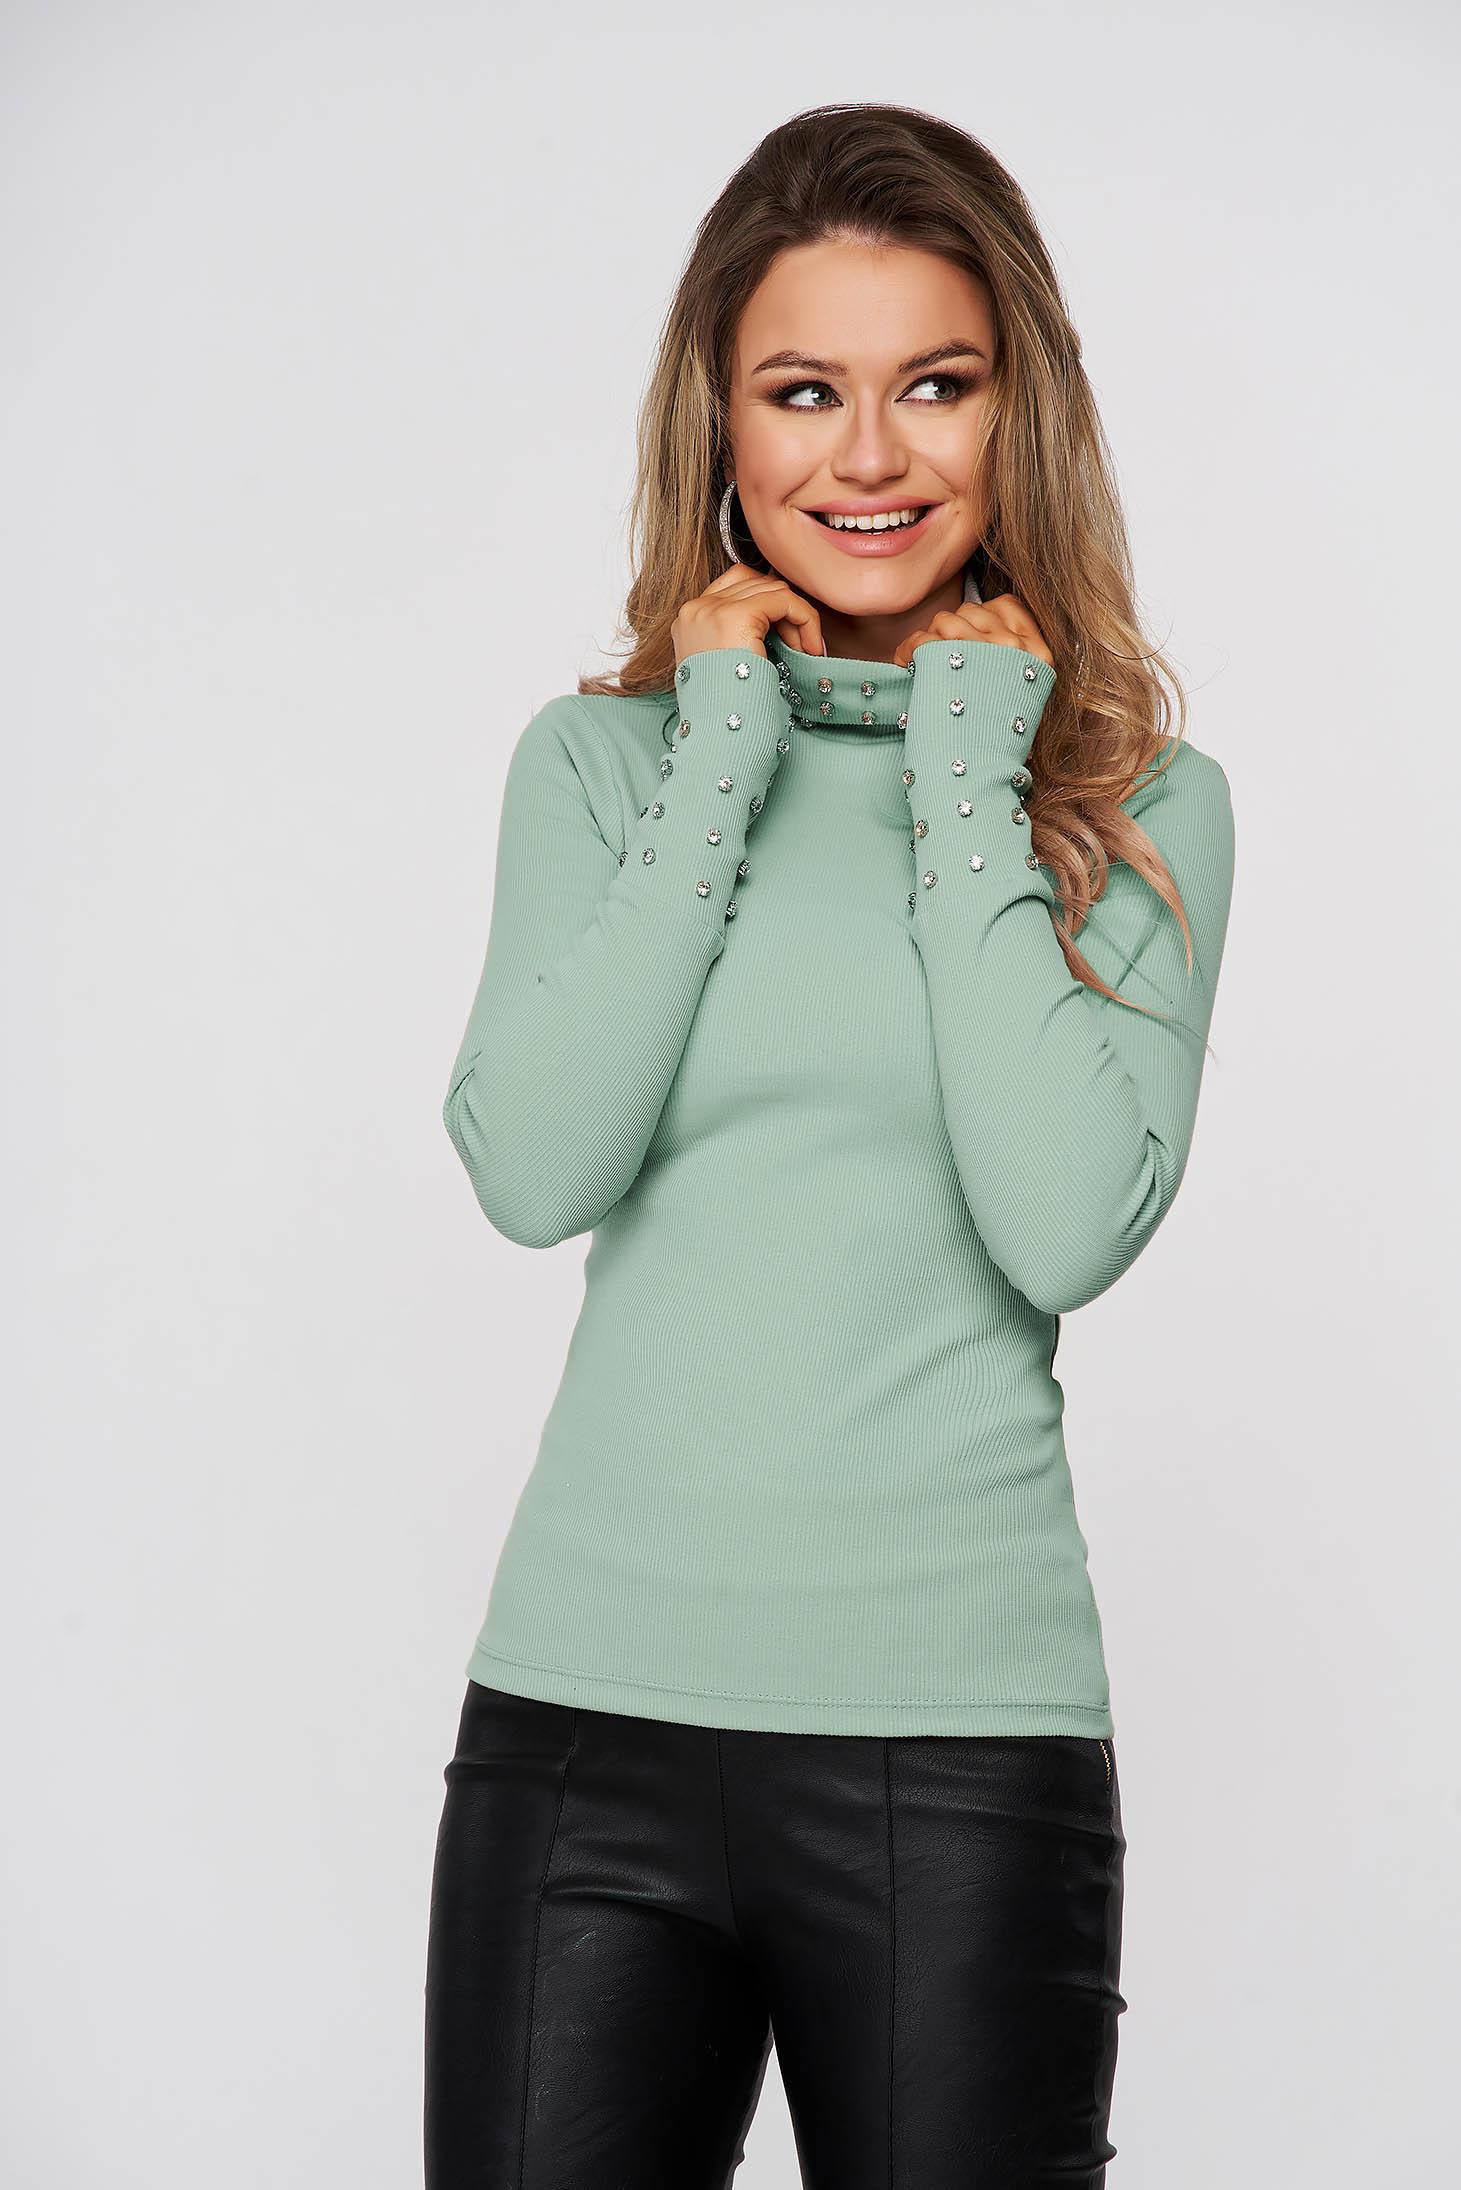 Bluza dama SunShine verde din bumbac din material reiat cu aplicatii cu pietre strass